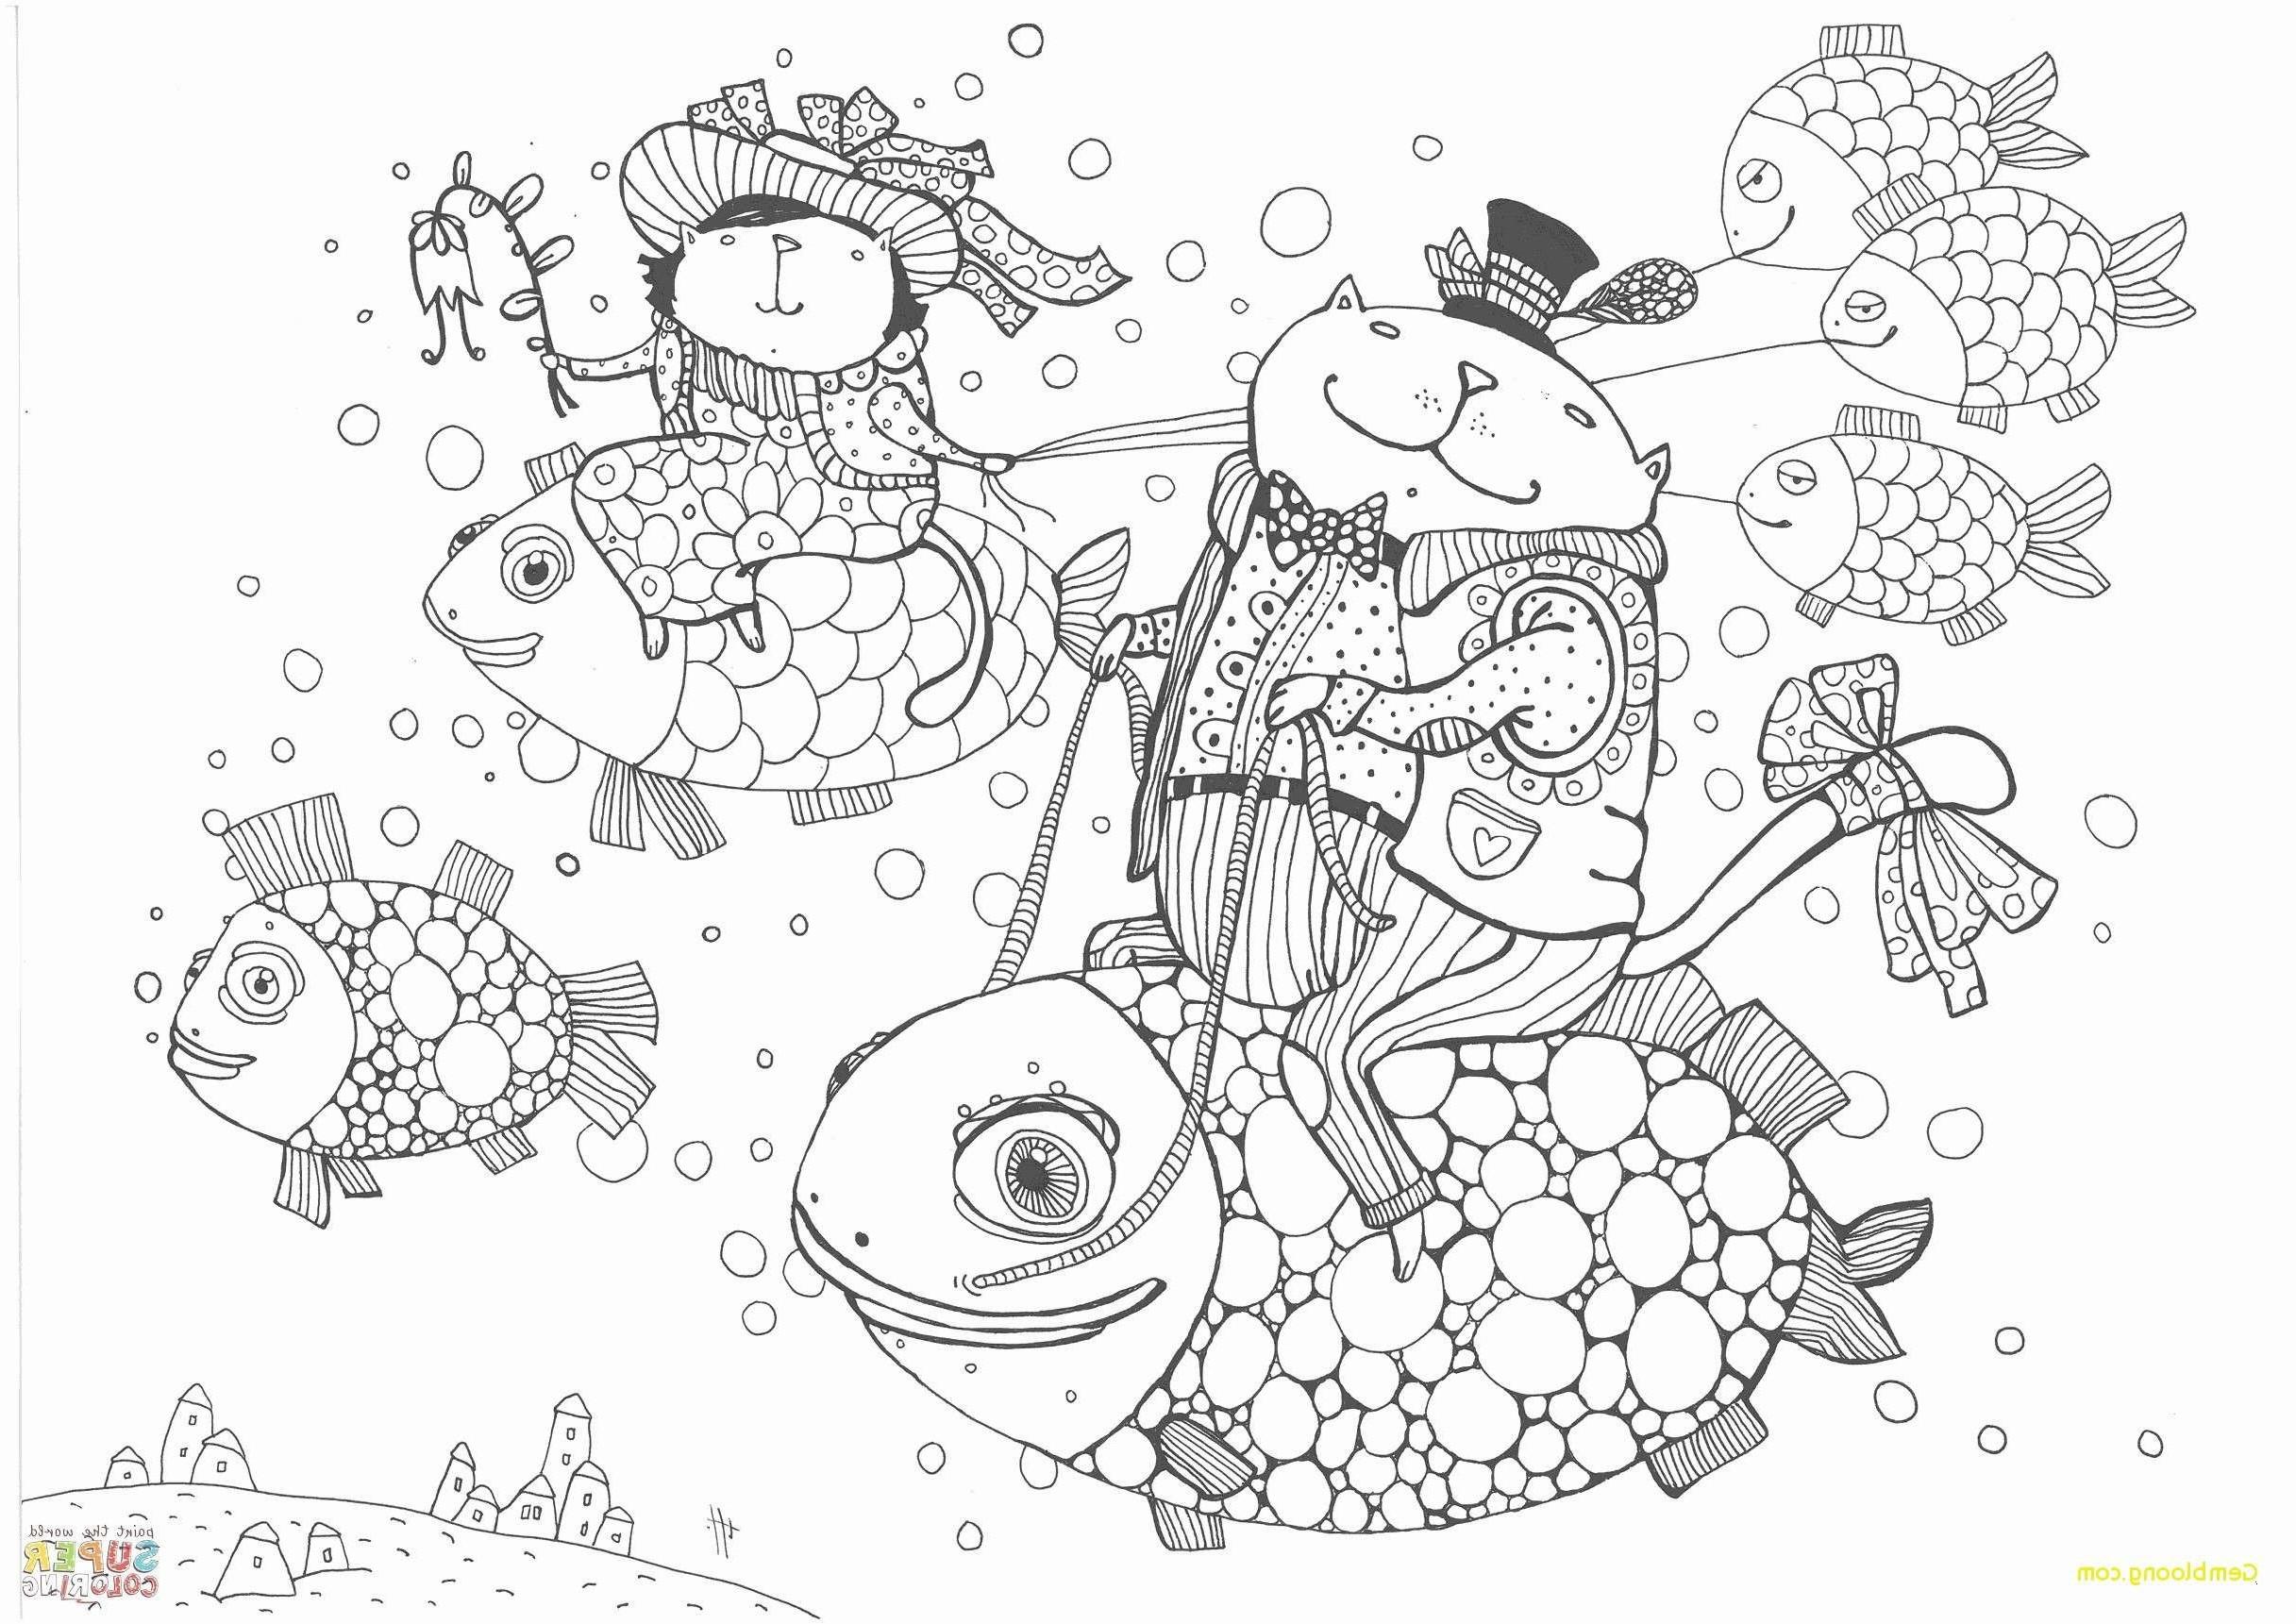 Malvorlage Sendung Mit Der Maus Neu 34 Einzigartig Ausmalbilder Kikaninchen – Malvorlagen Ideen Stock